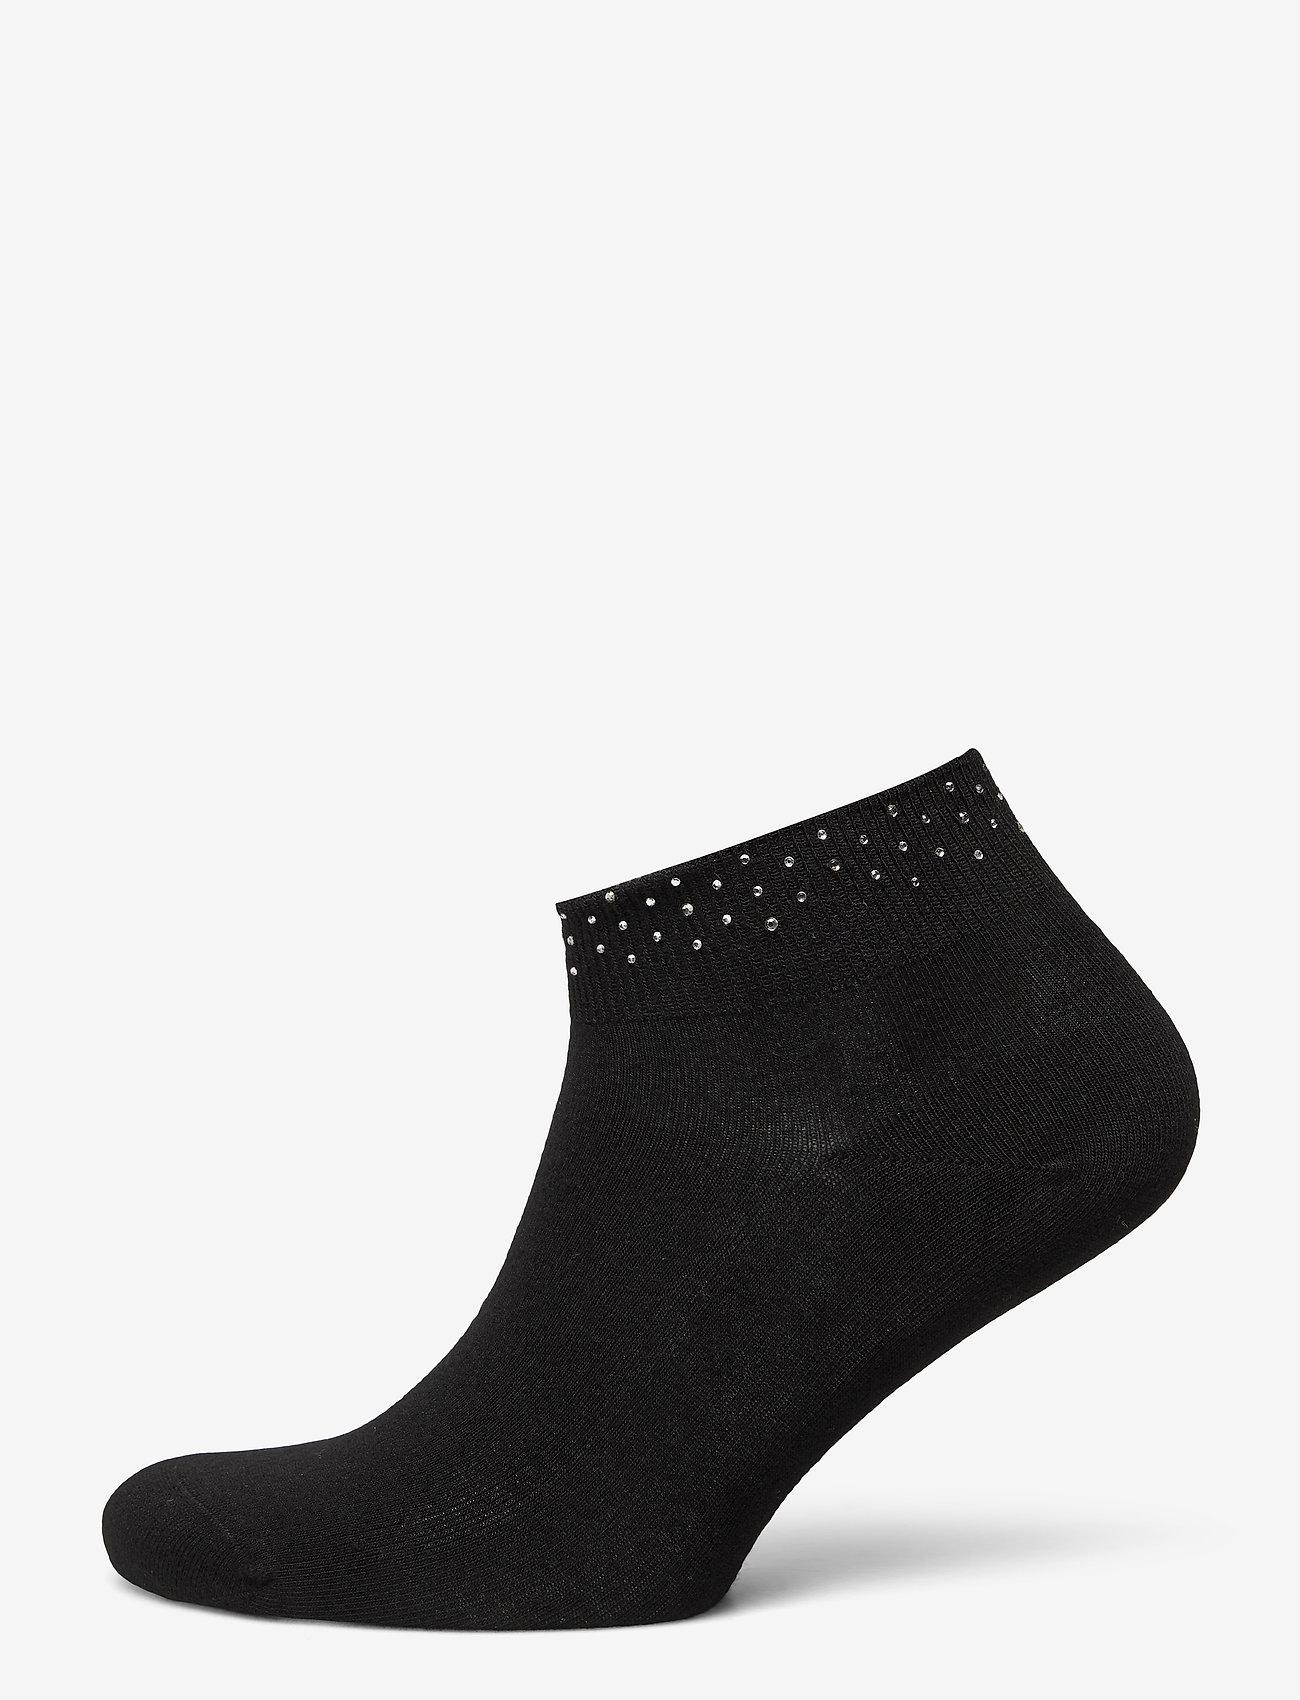 Vogue - Ladies anklesock, Anais Sneaker - sneakersokken - black - 0